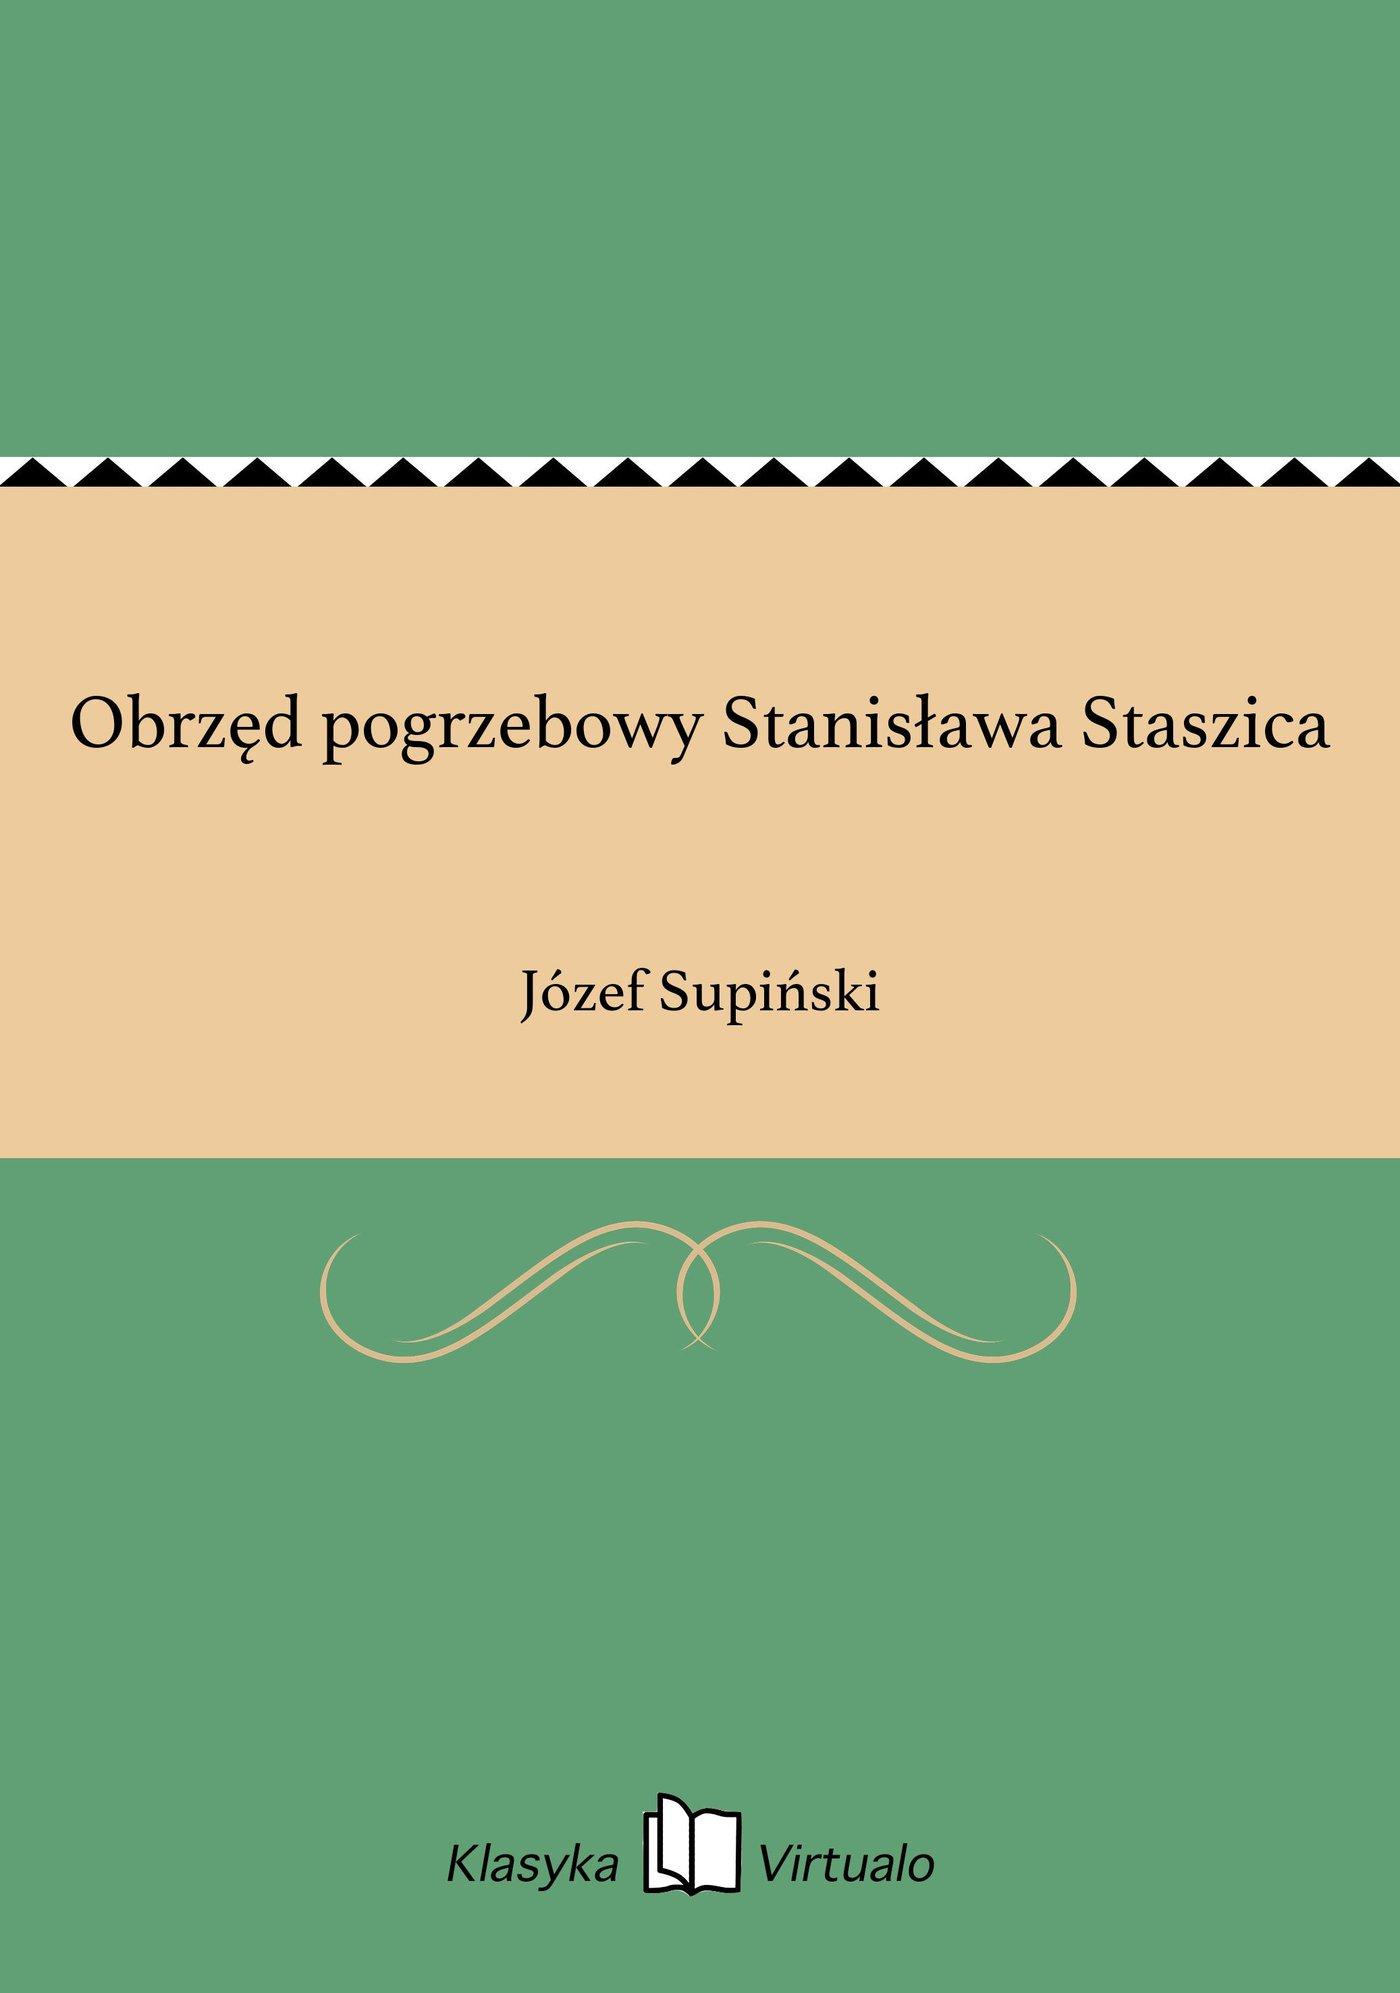 Obrzęd pogrzebowy Stanisława Staszica - Ebook (Książka EPUB) do pobrania w formacie EPUB